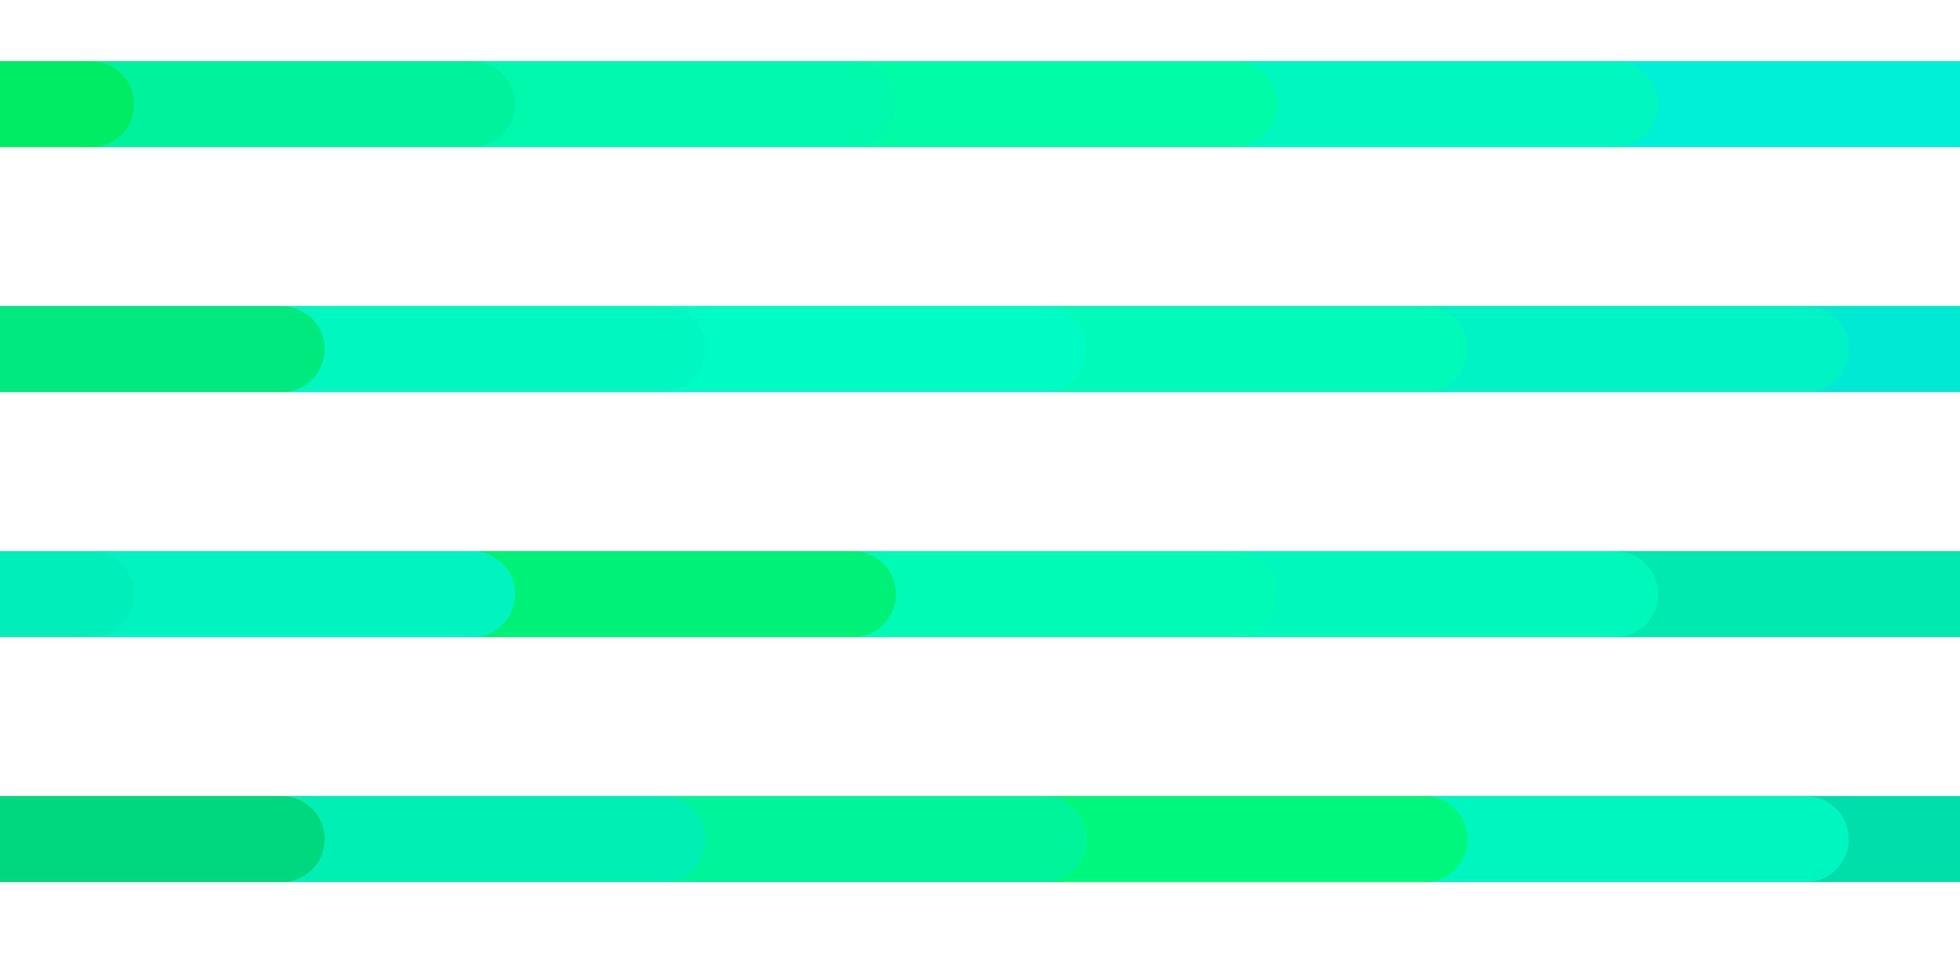 textura verde clara com linhas. vetor